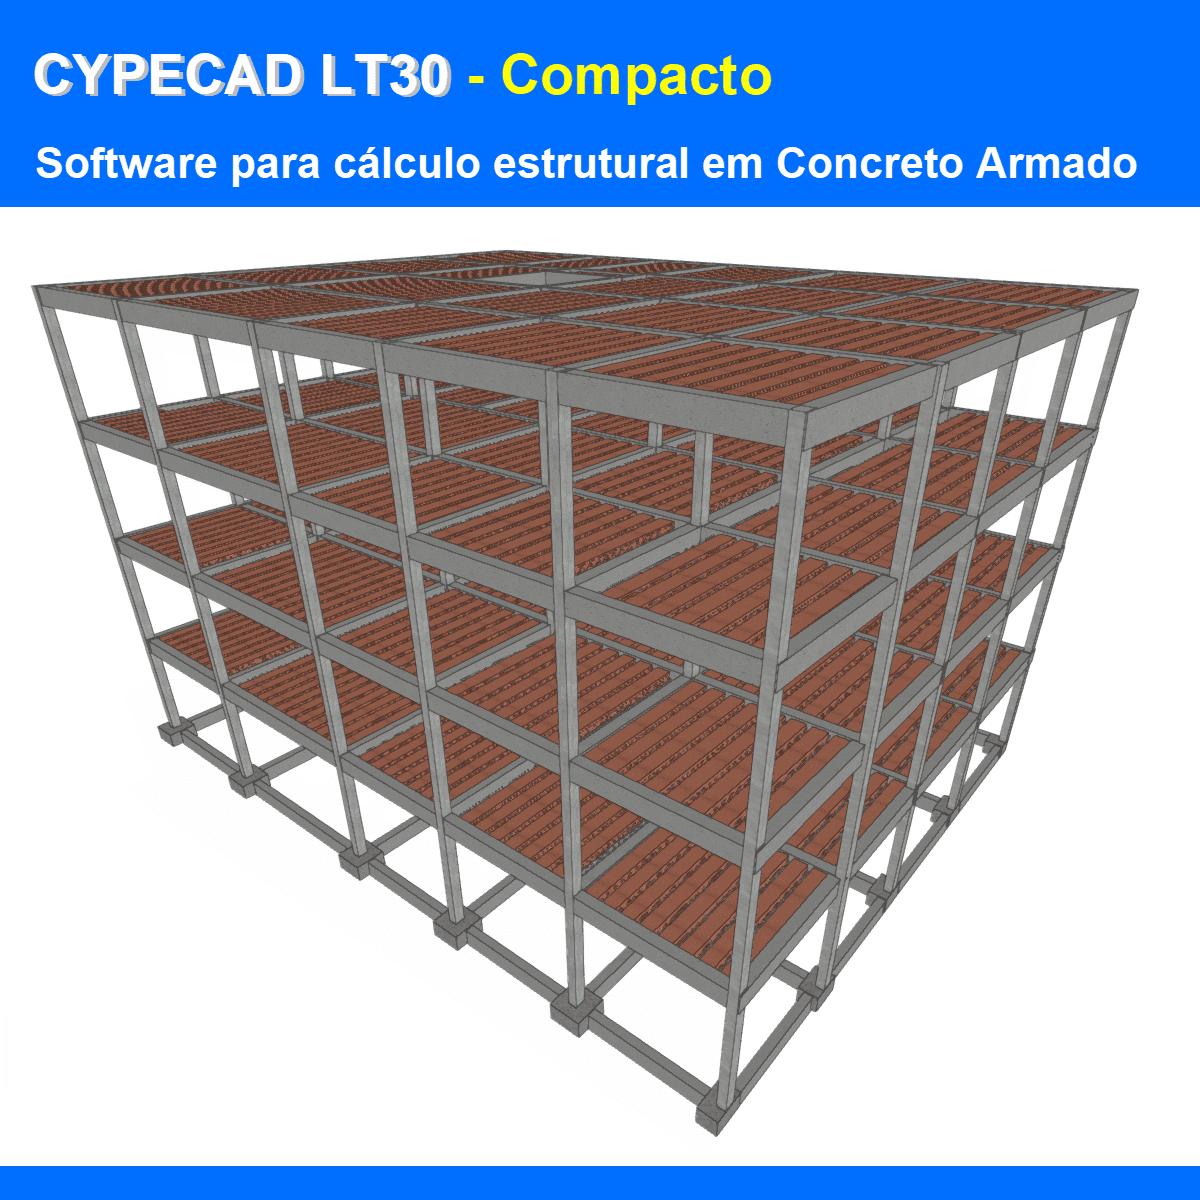 Software CYPECAD LT30 Compacto versão 2022 (Licença Eletrônica) incluindo a modulação descrita em